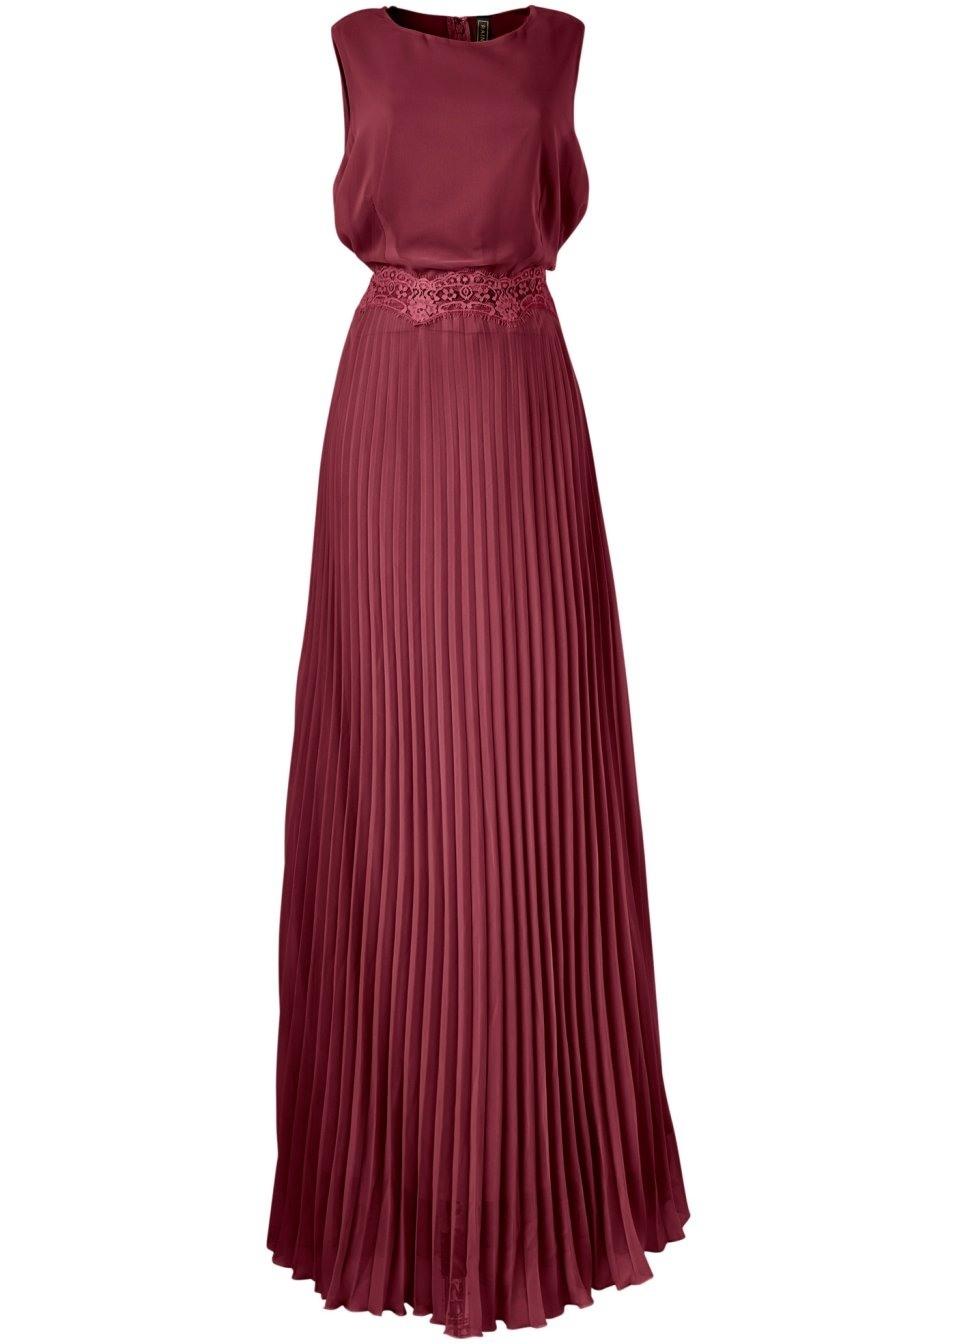 15 Coolste Bordeaux Kleid Spitze Vertrieb15 Schön Bordeaux Kleid Spitze Vertrieb